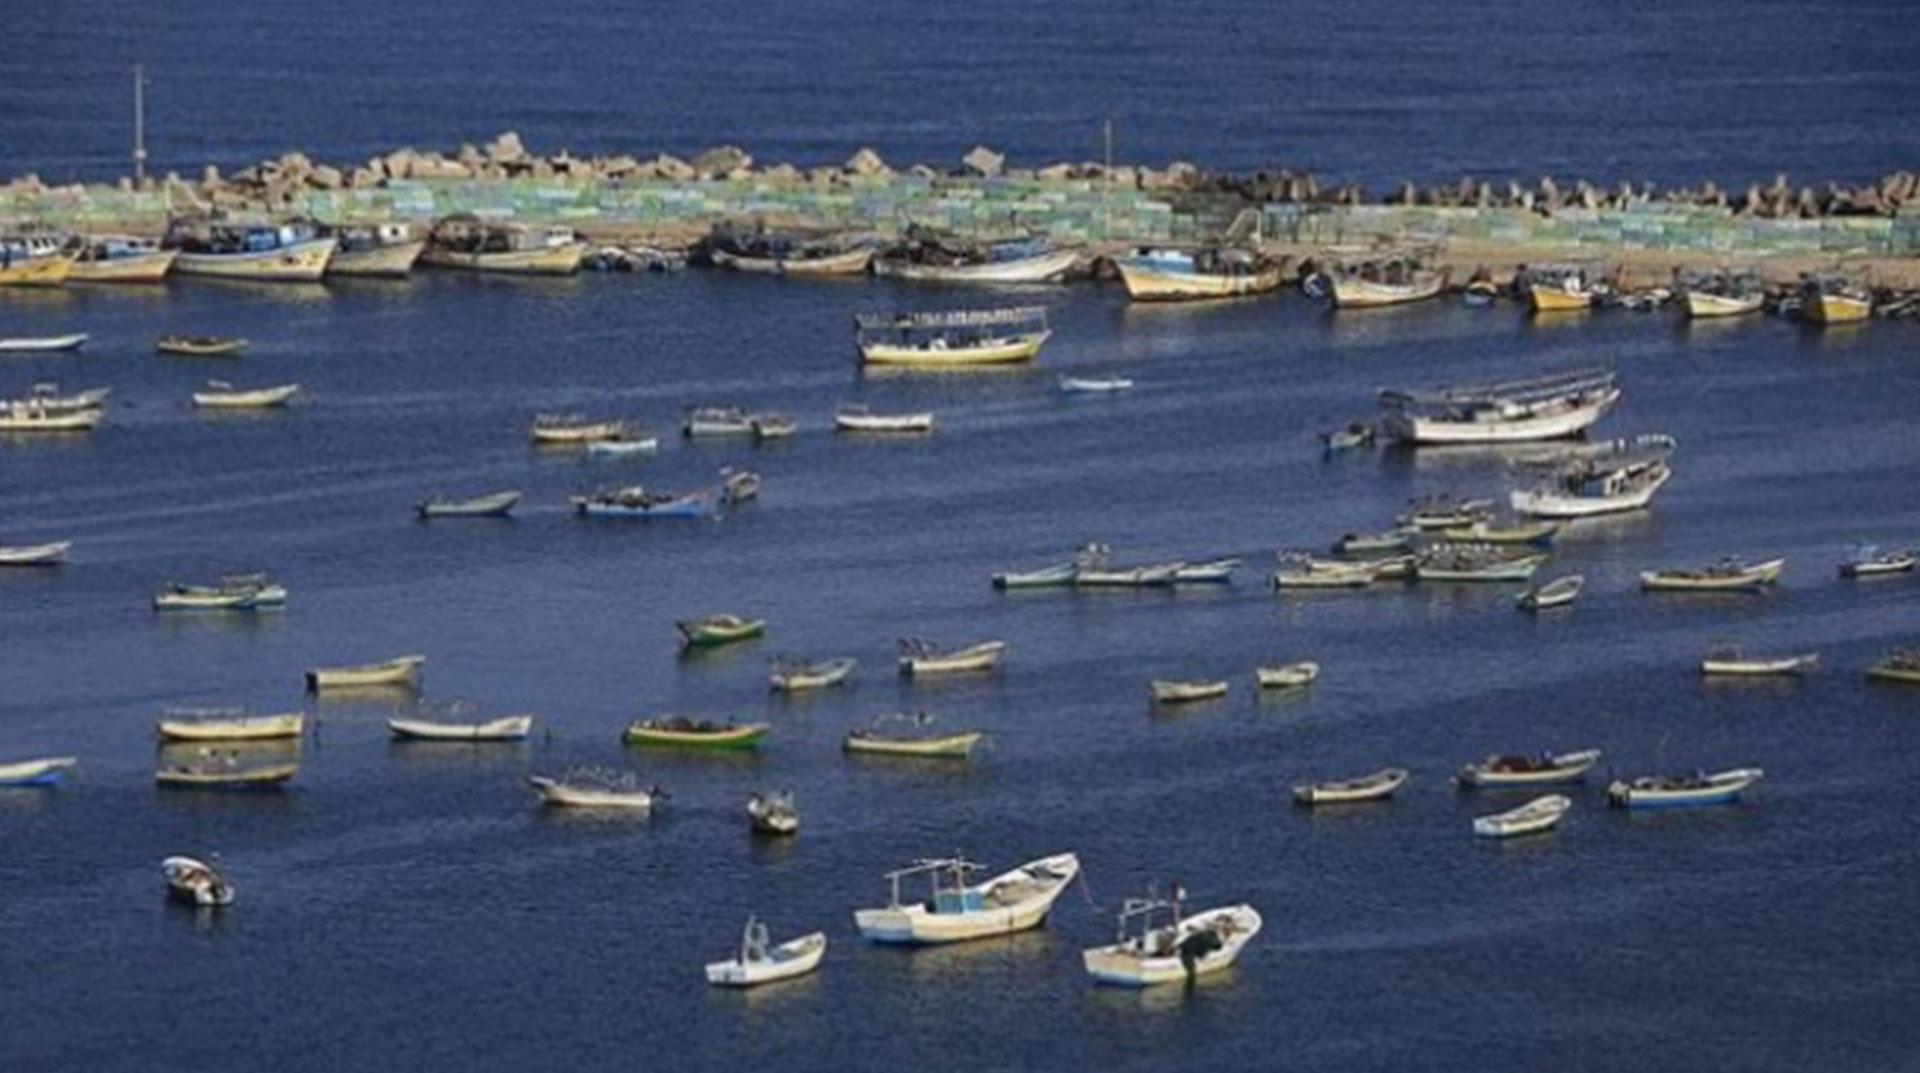 İşgal Yönetimi Şimdi de Balıkçılara Yasak Koydu